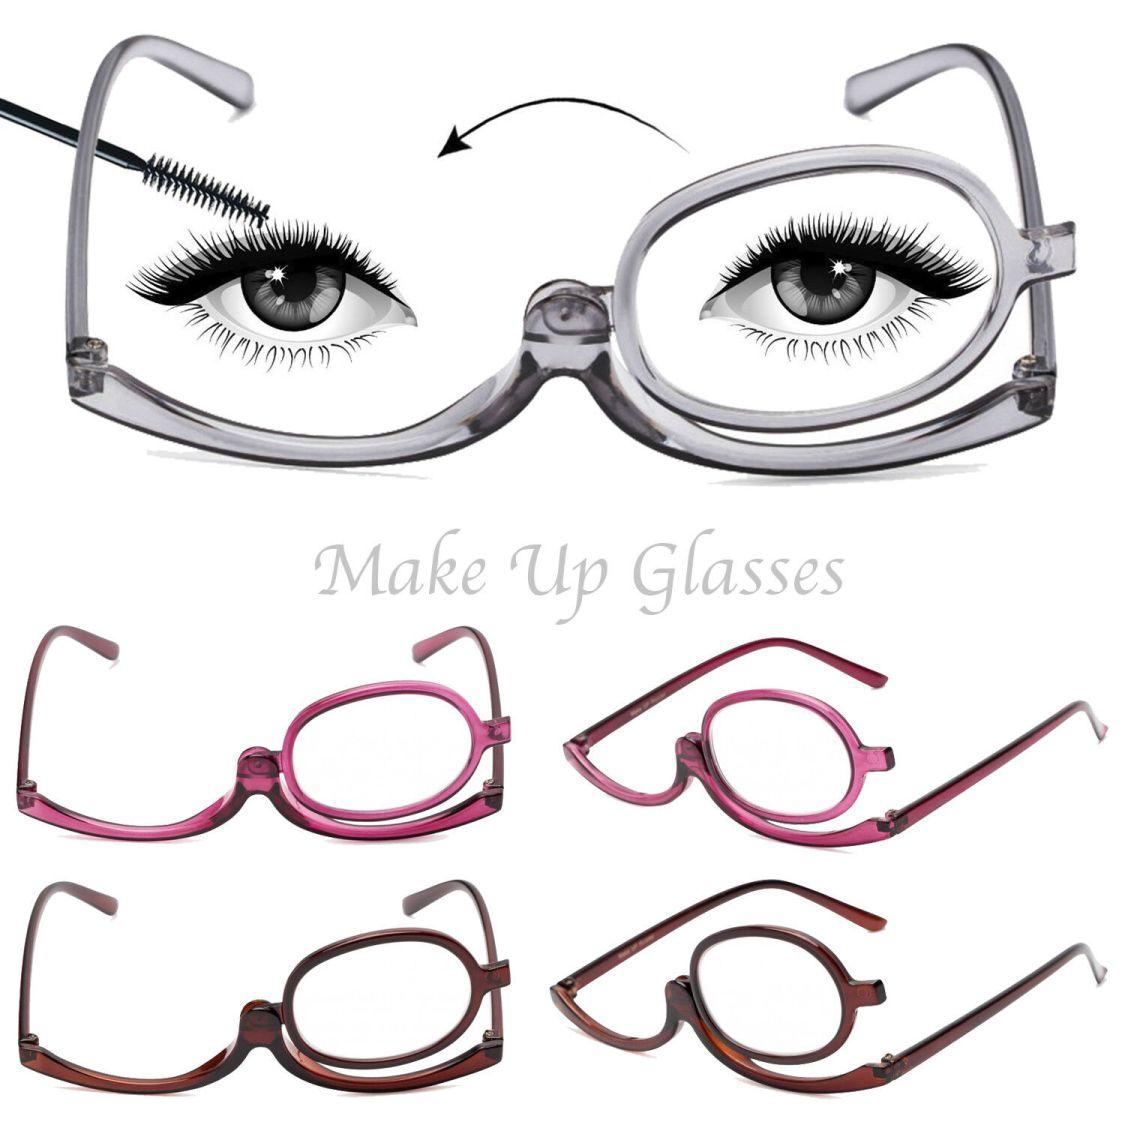 Schminkbrille, Schminkhilfe, Make up, Glas umklappbar- Dioptrien (+1 bis+4)